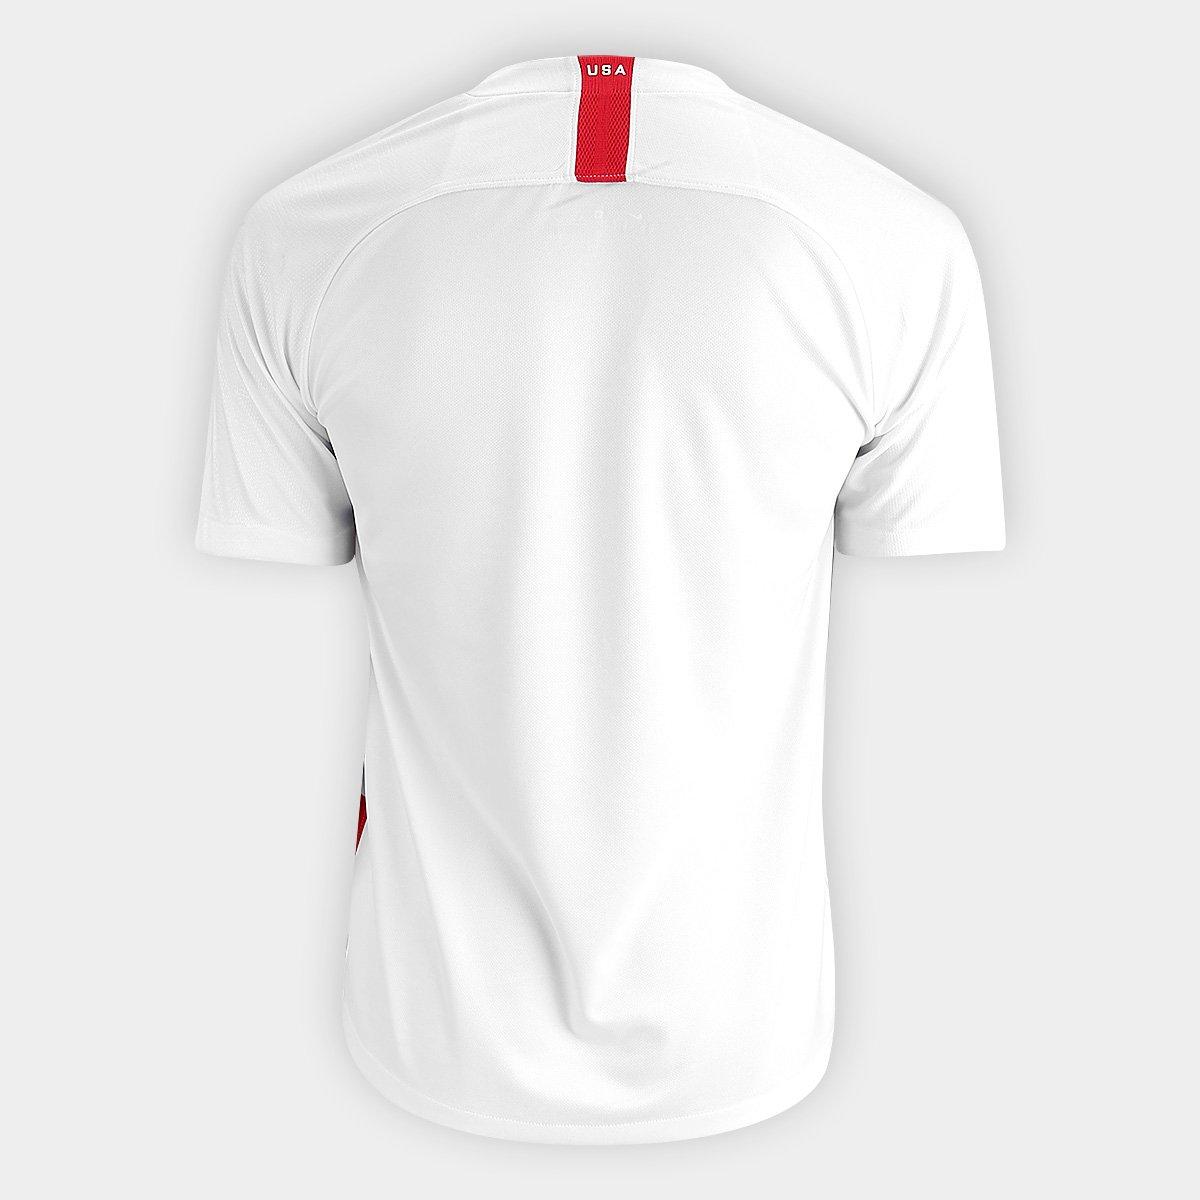 42dfb7d345 Camisa Seleção Estados Unidos Home 2018 s n° - Torcedor Nike Masculina .